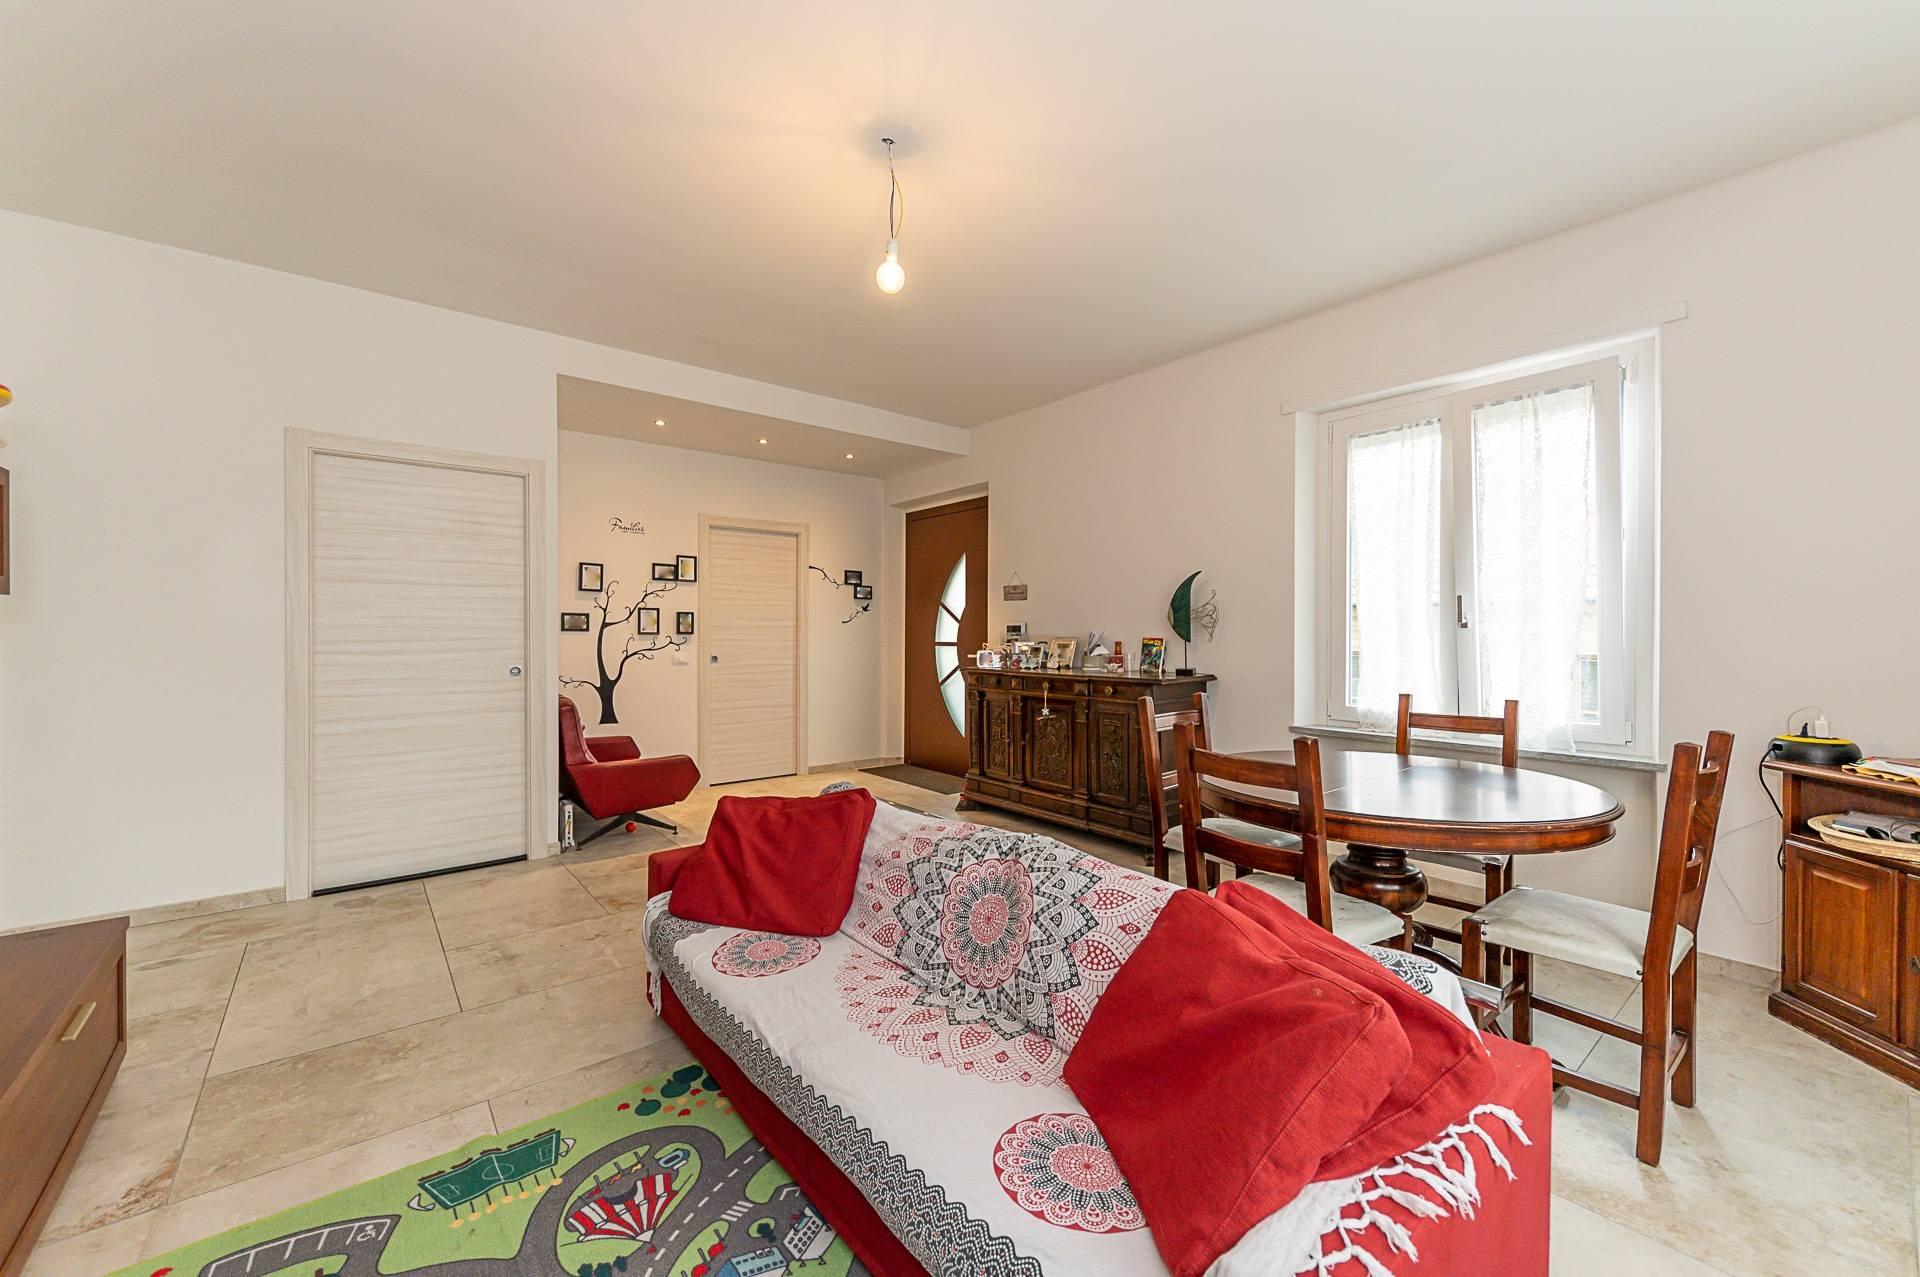 Appartamento in vendita a Rivoli, 6 locali, prezzo € 360.000   PortaleAgenzieImmobiliari.it